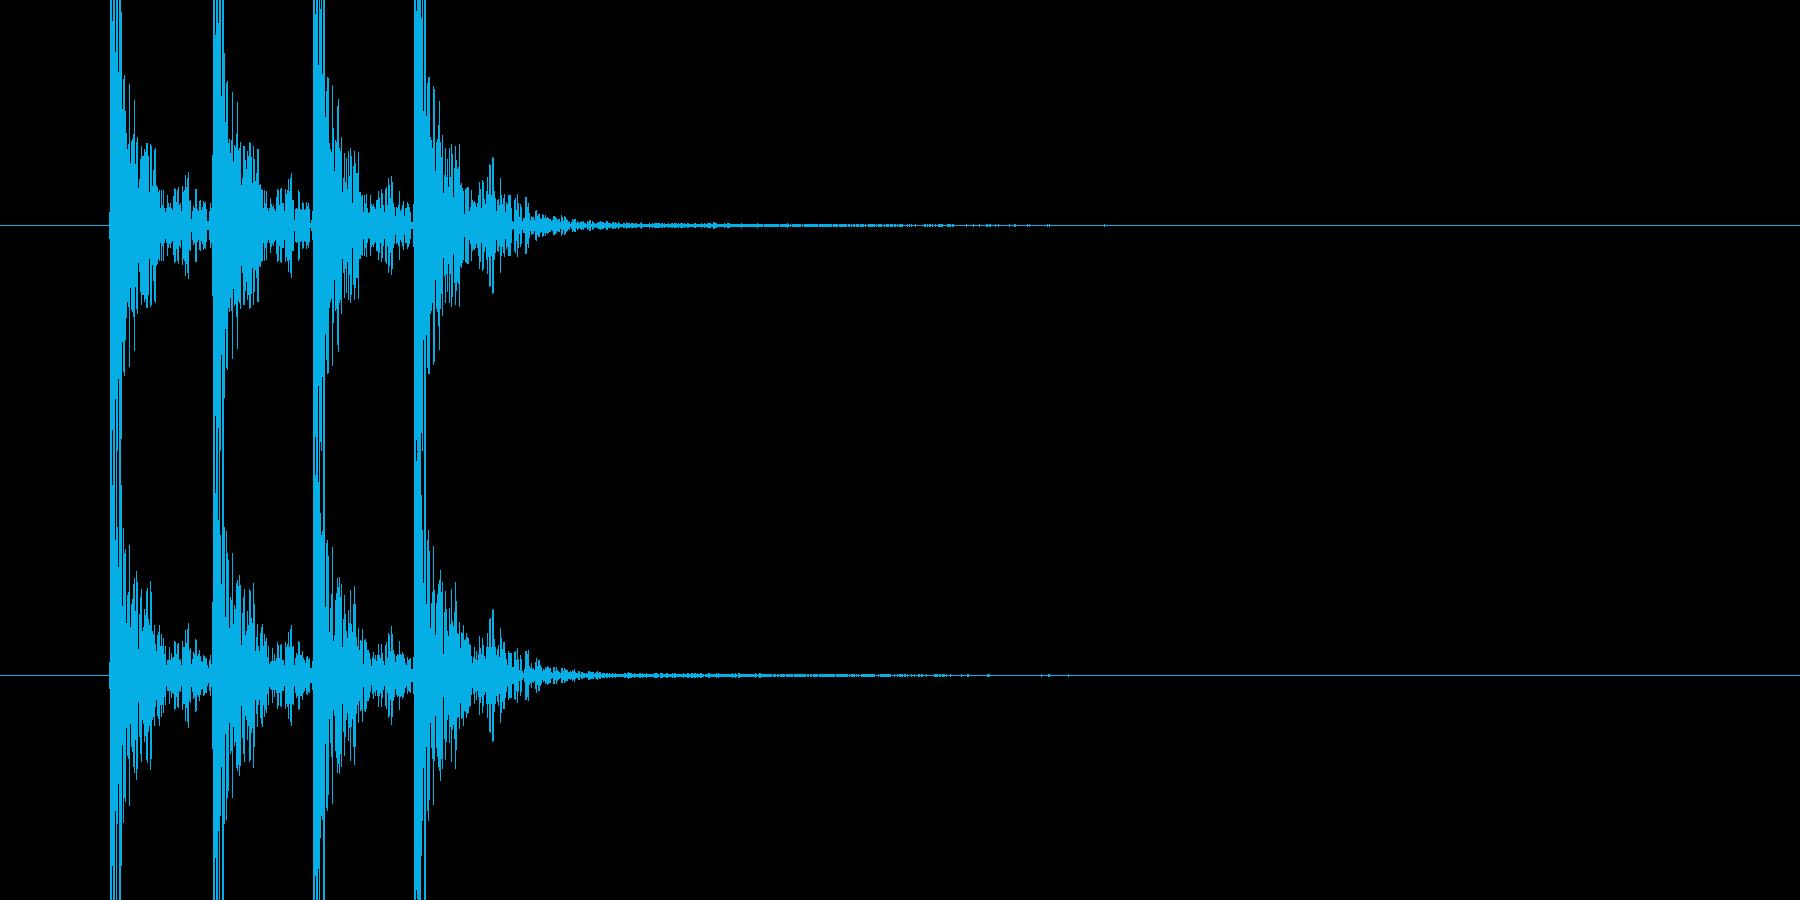 ドンドンドン(木のドアをノックする音)の再生済みの波形